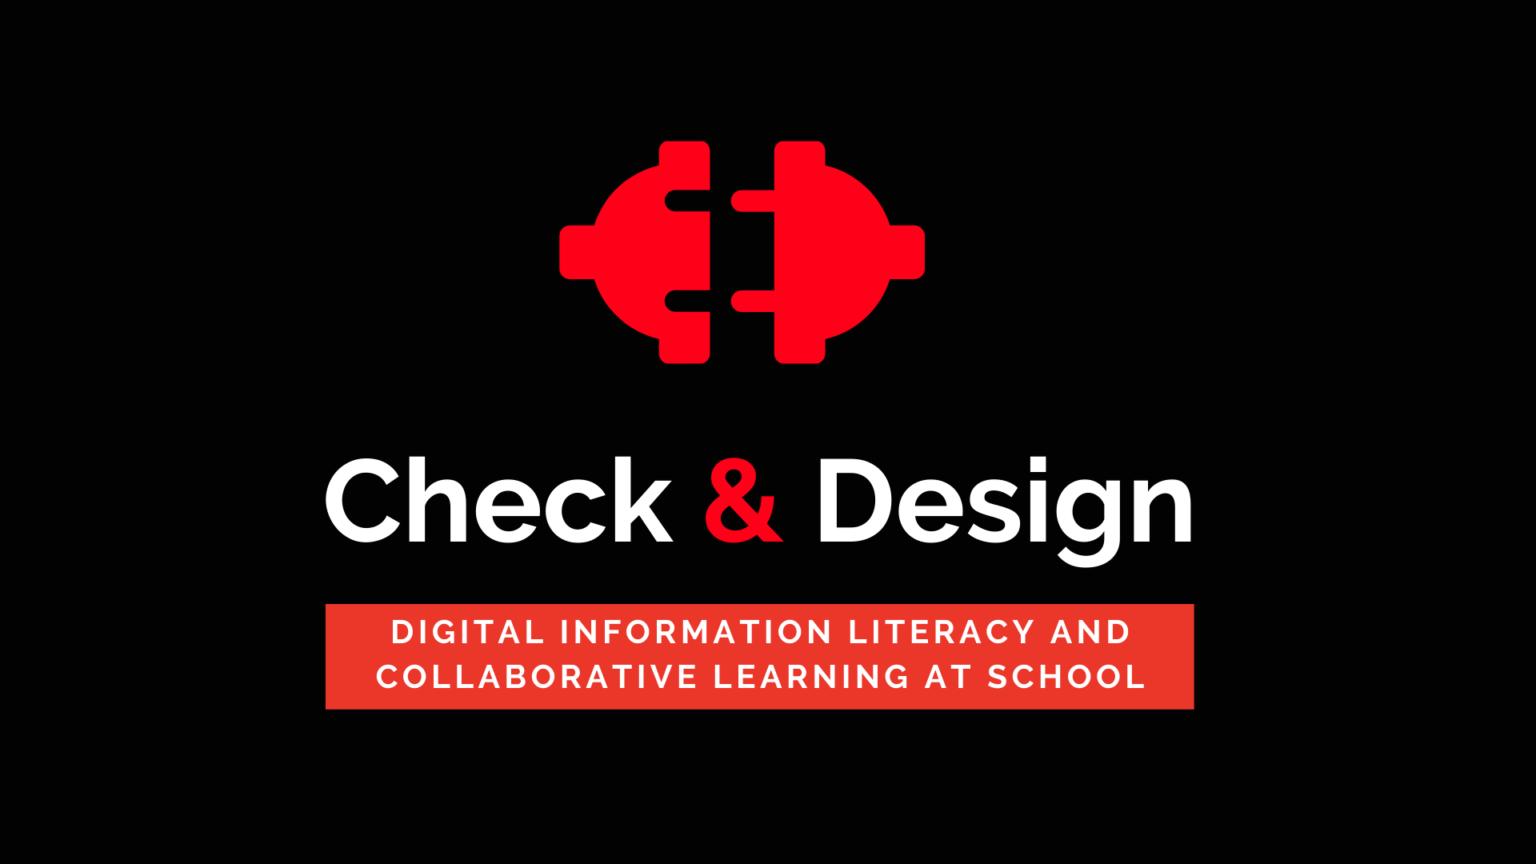 Check & Design The European Backdrop & Partnership